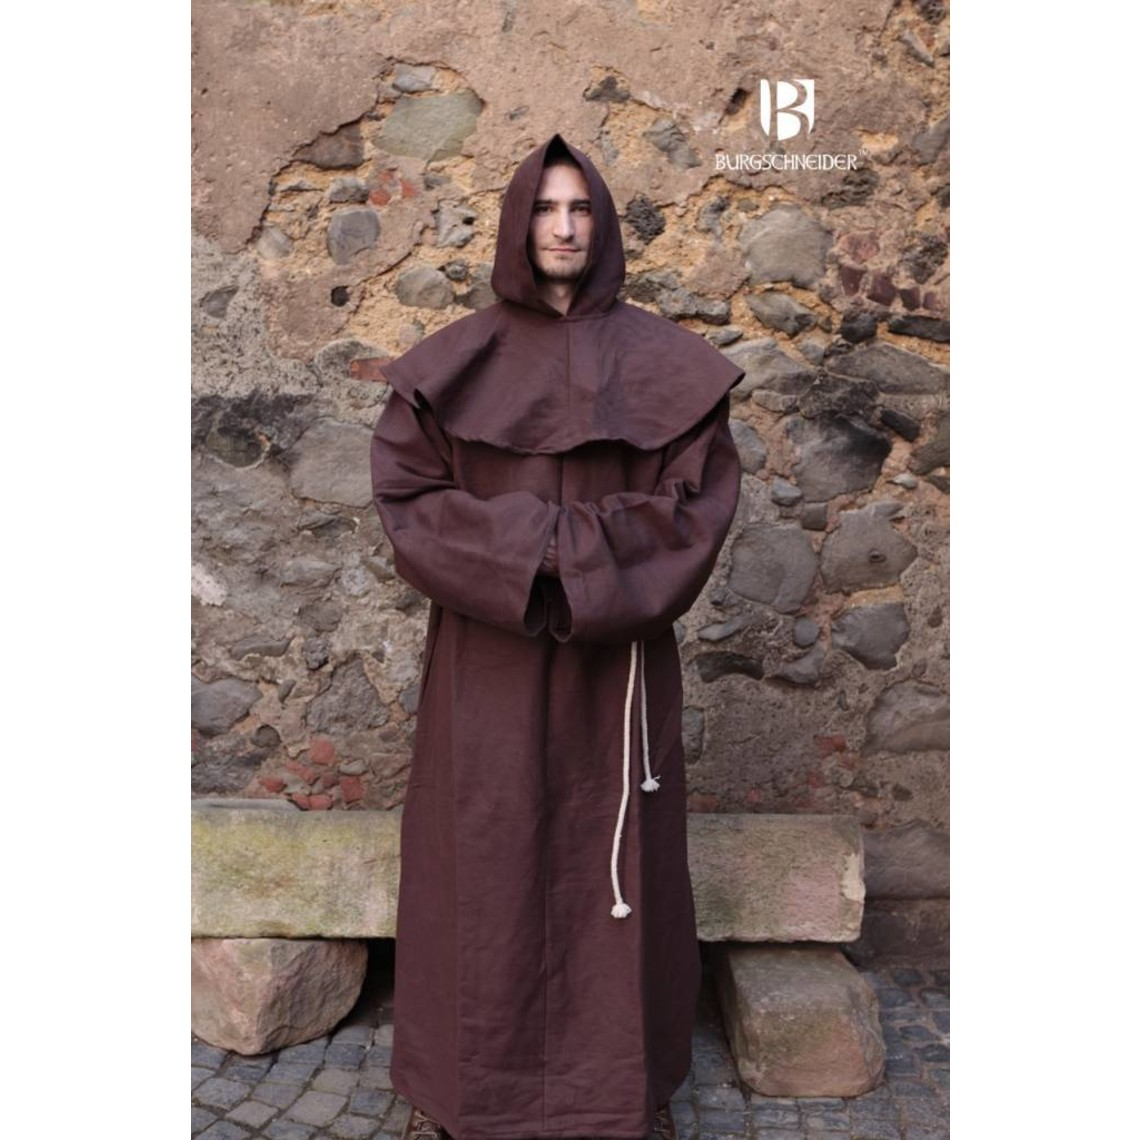 Burgschneider habit franciszkański